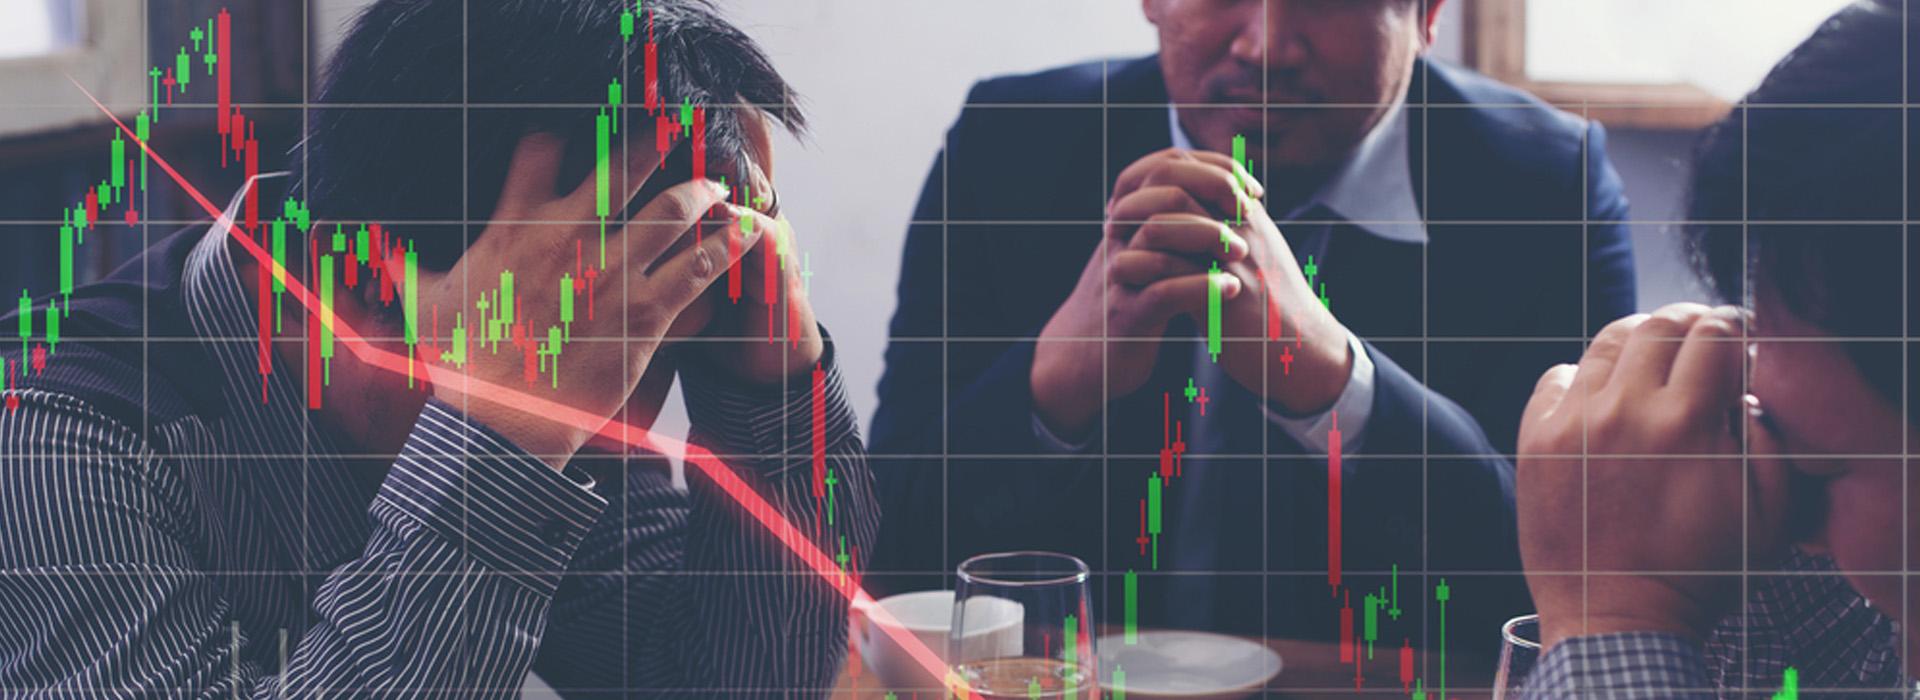 端午收假後台股重挫  專家:外資撤出仍為「現在進行式」